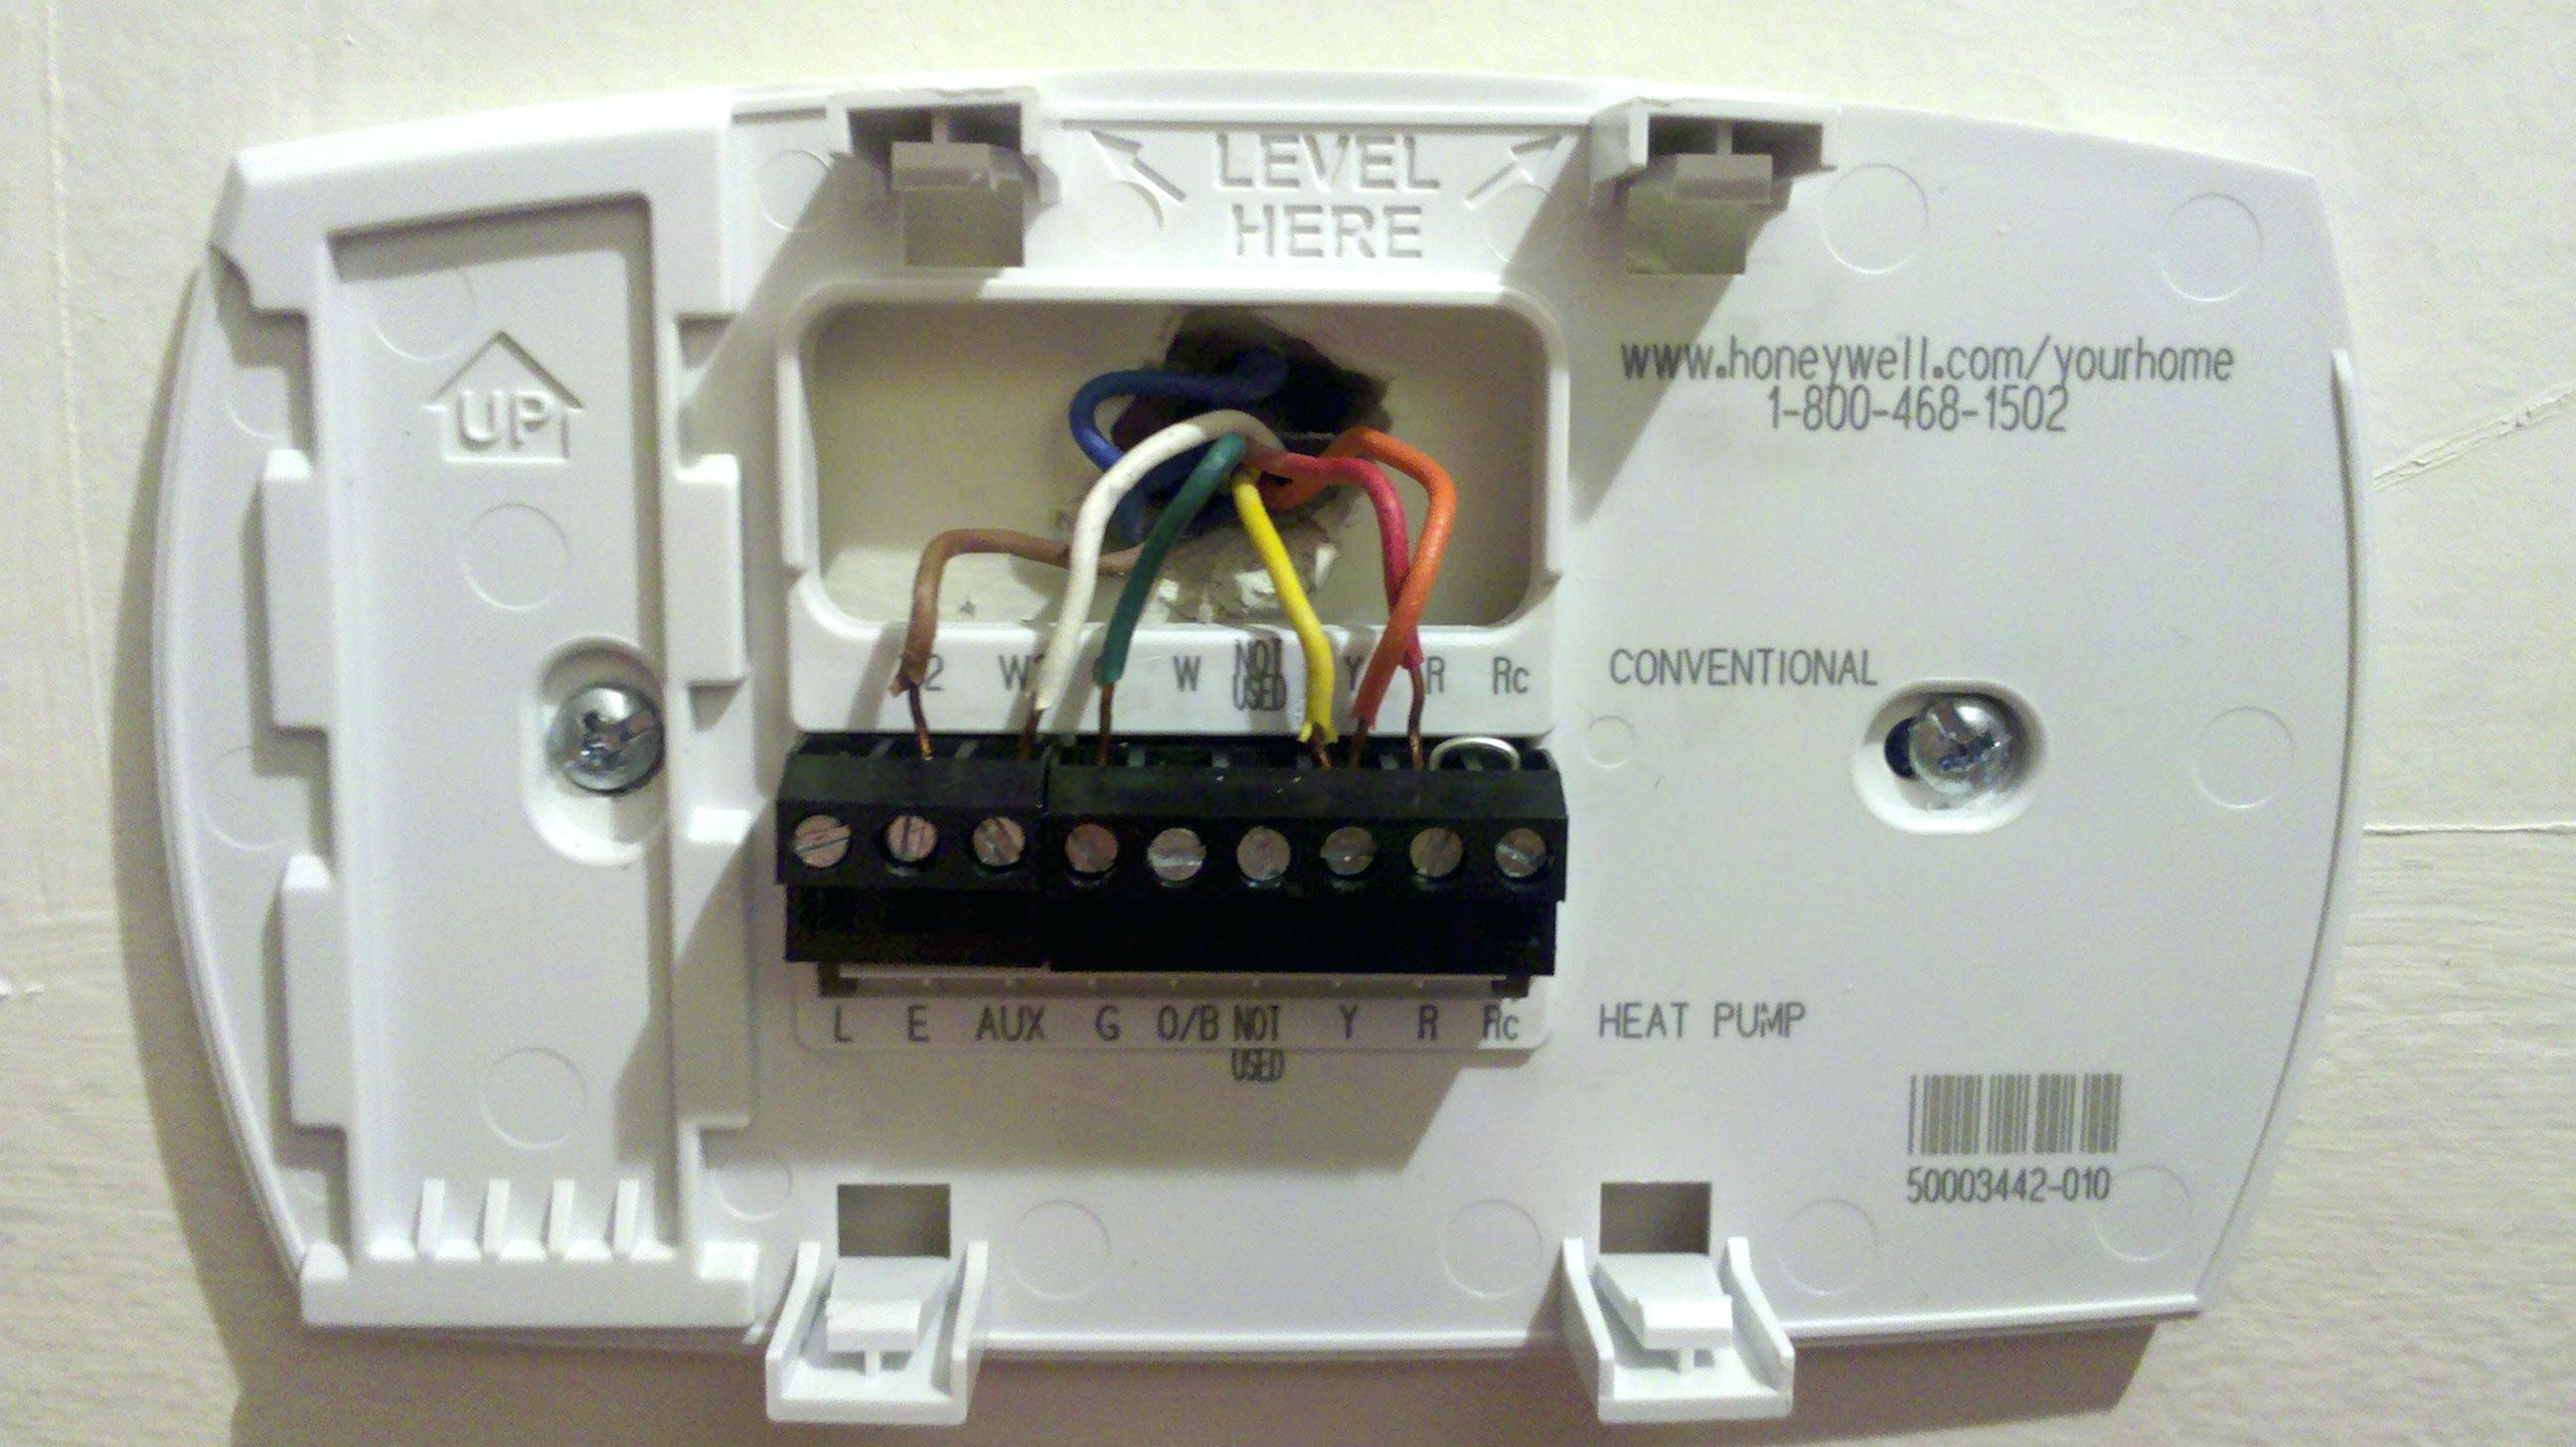 Wiring Diagram Sheets Detail: Name: honeywell wifi smart thermostat wiring  diagram – Honeywell Wifi Smart thermostat Wiring Diagram ...